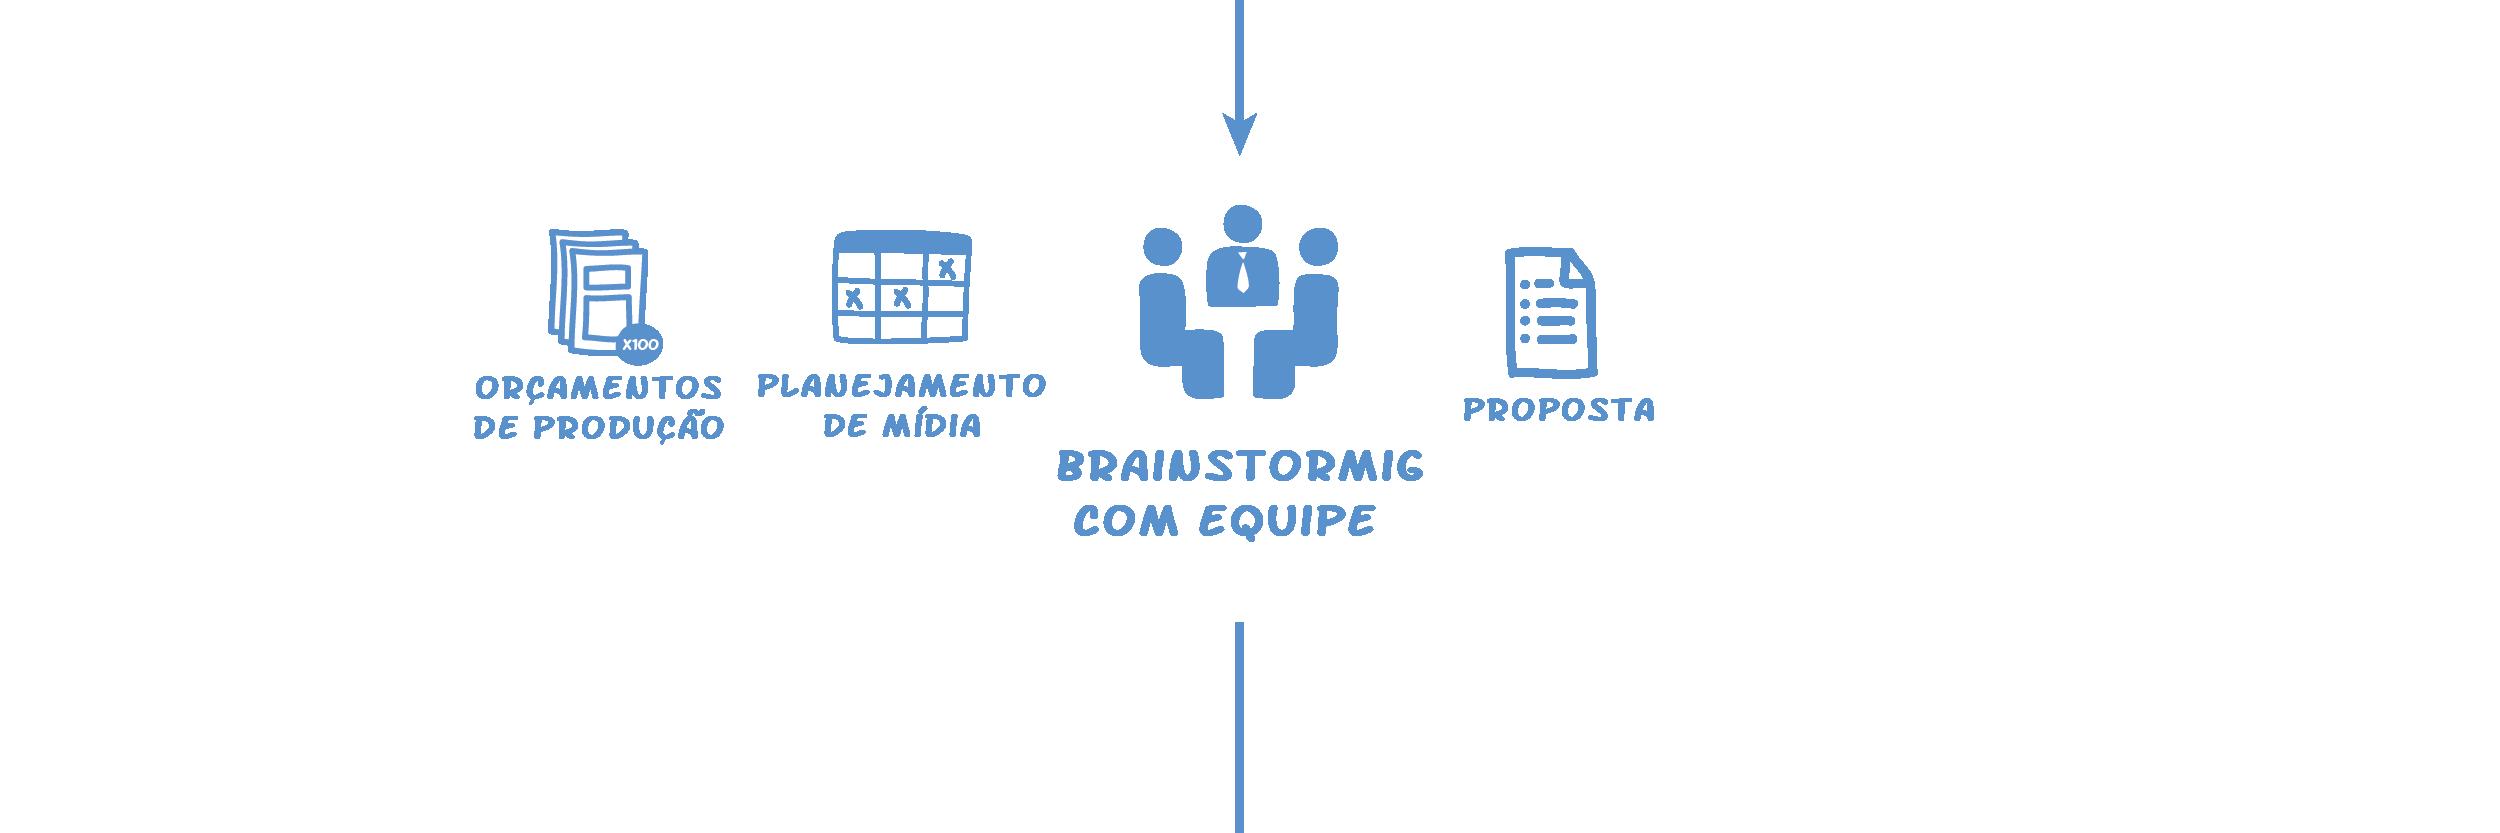 Passo 2: Brainstorm com a equipe - Operand